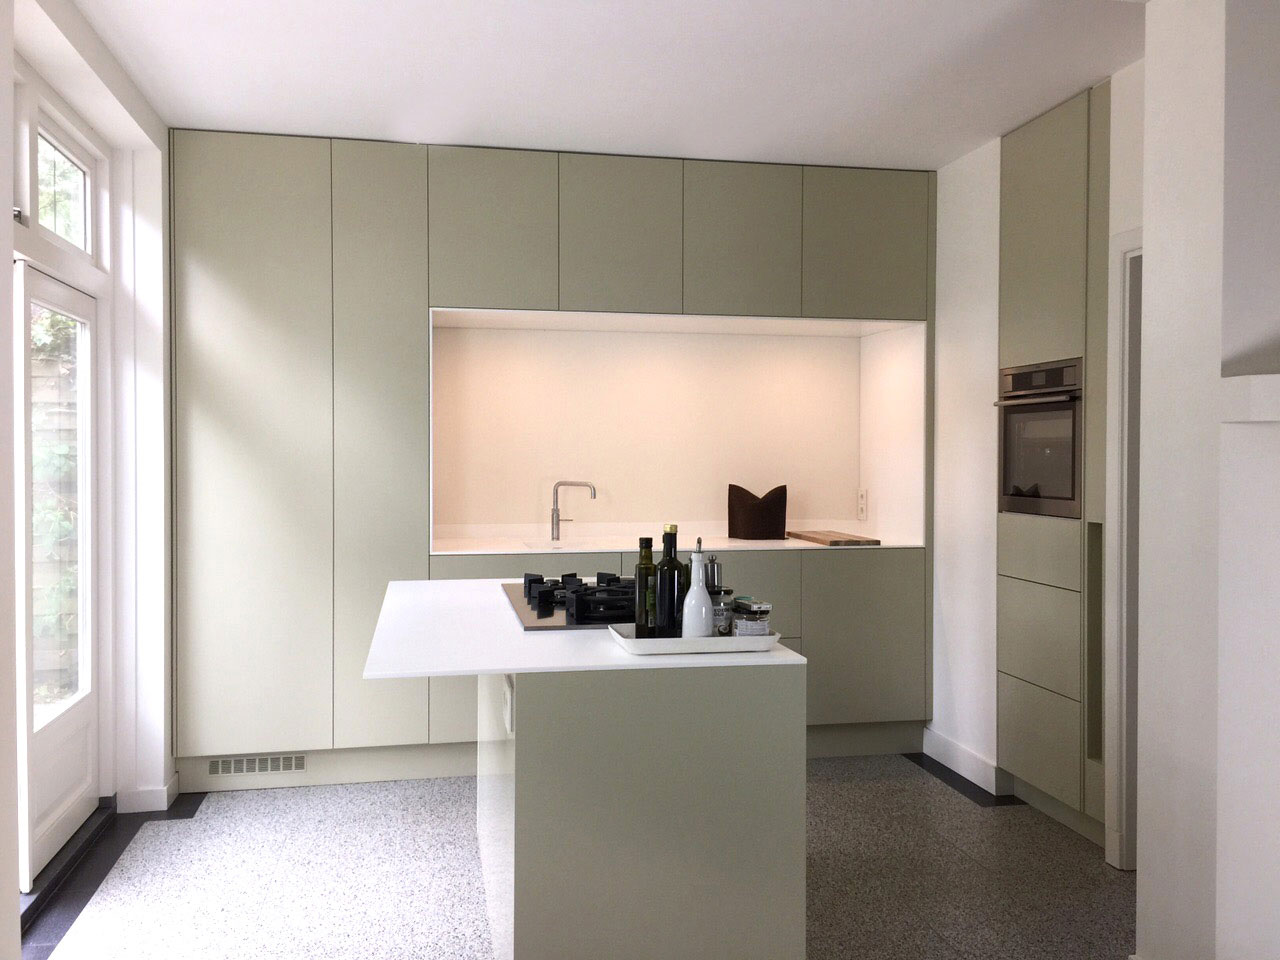 Keukens Op Maat Herzele : Keukens op maat Mijn Keukens op Maat laten maken